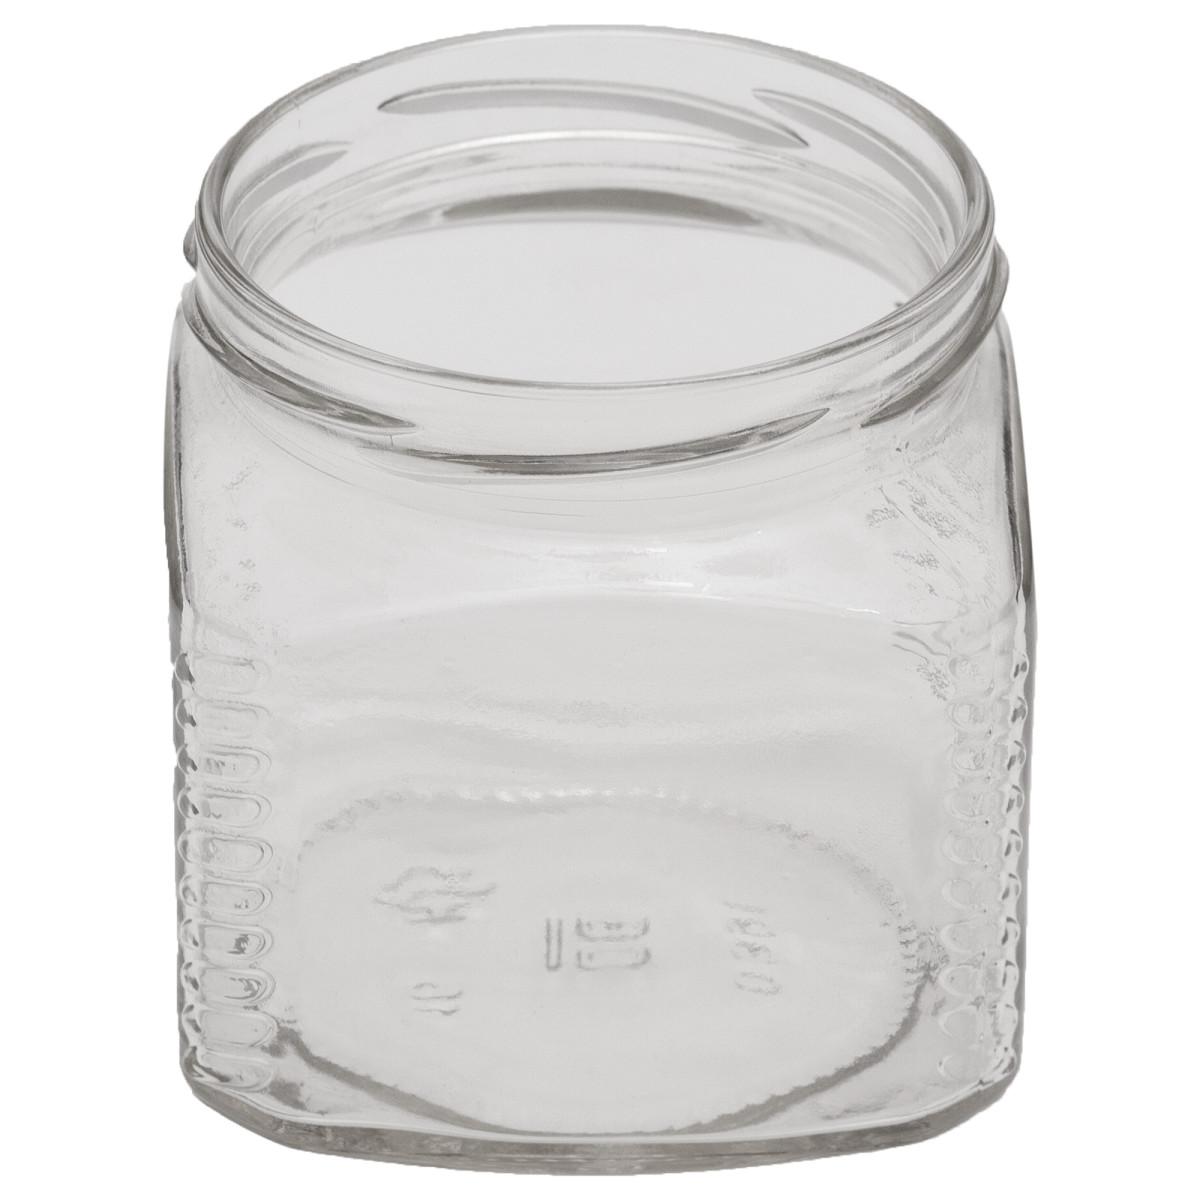 Банка стеклянная ТО-82 «Кубик» 0.39 л